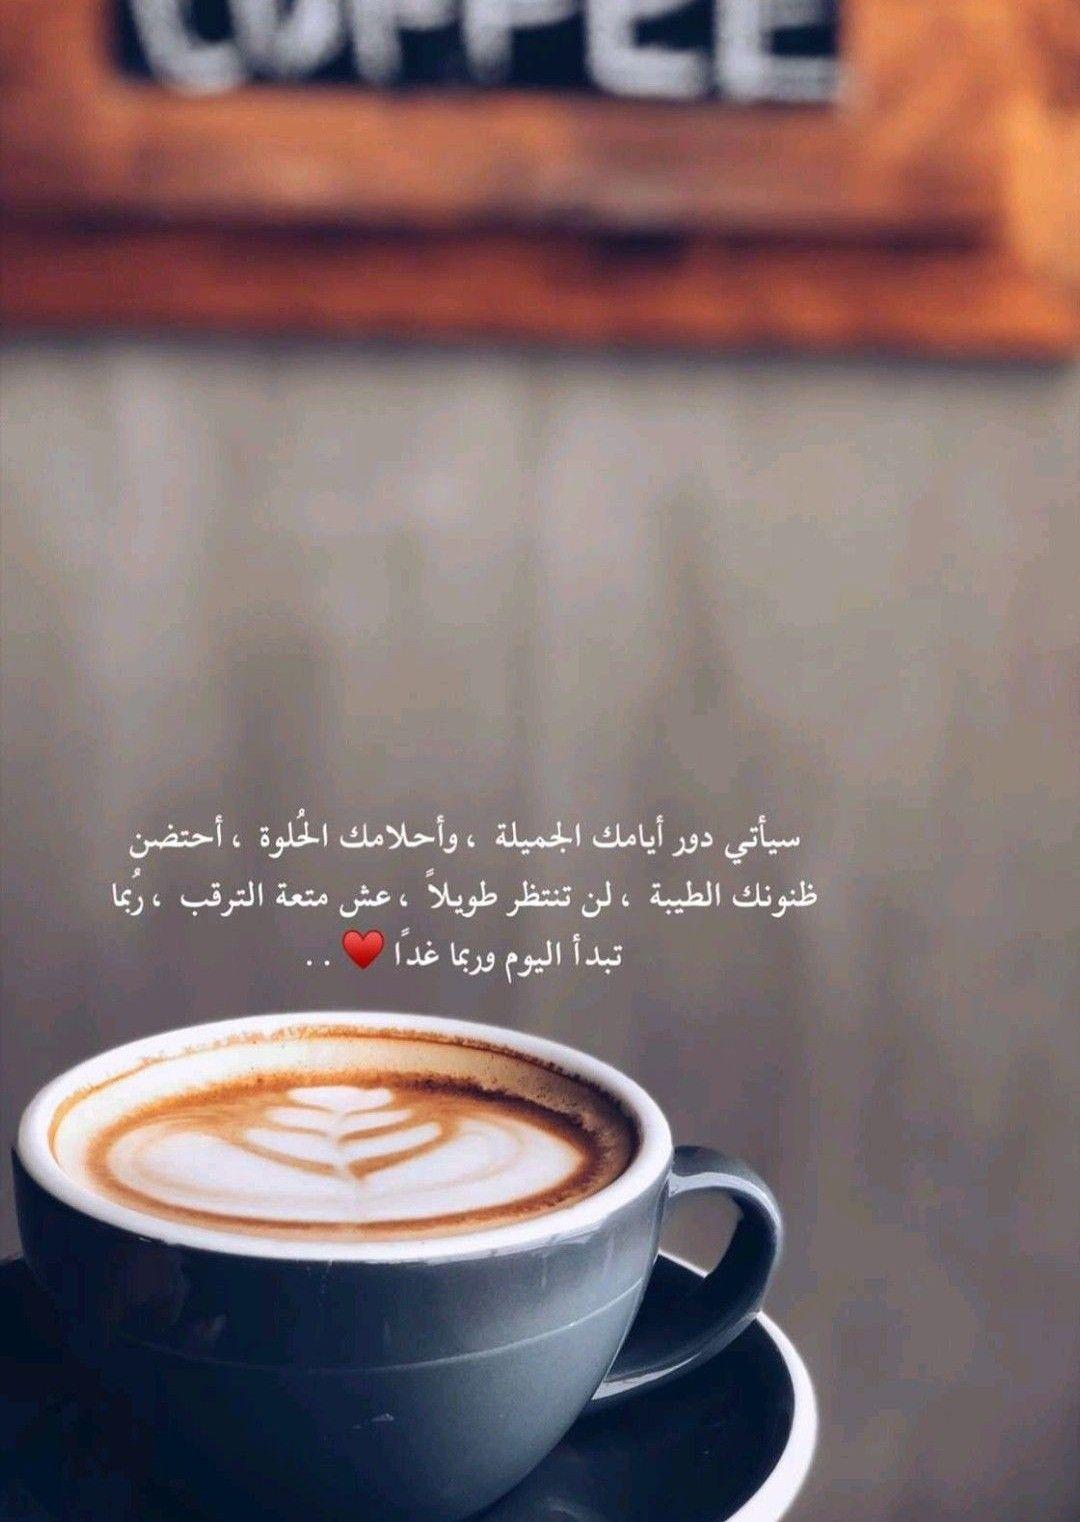 سيأتي دور أيامك الجميلة و أحلامك الح لوة أحتضن ظنونك الطيبة لن تنتظر طويلا عش متعة الترقب رب ما تبد Arabic Quotes Coffee Quotes Coffee Quotes Tumblr